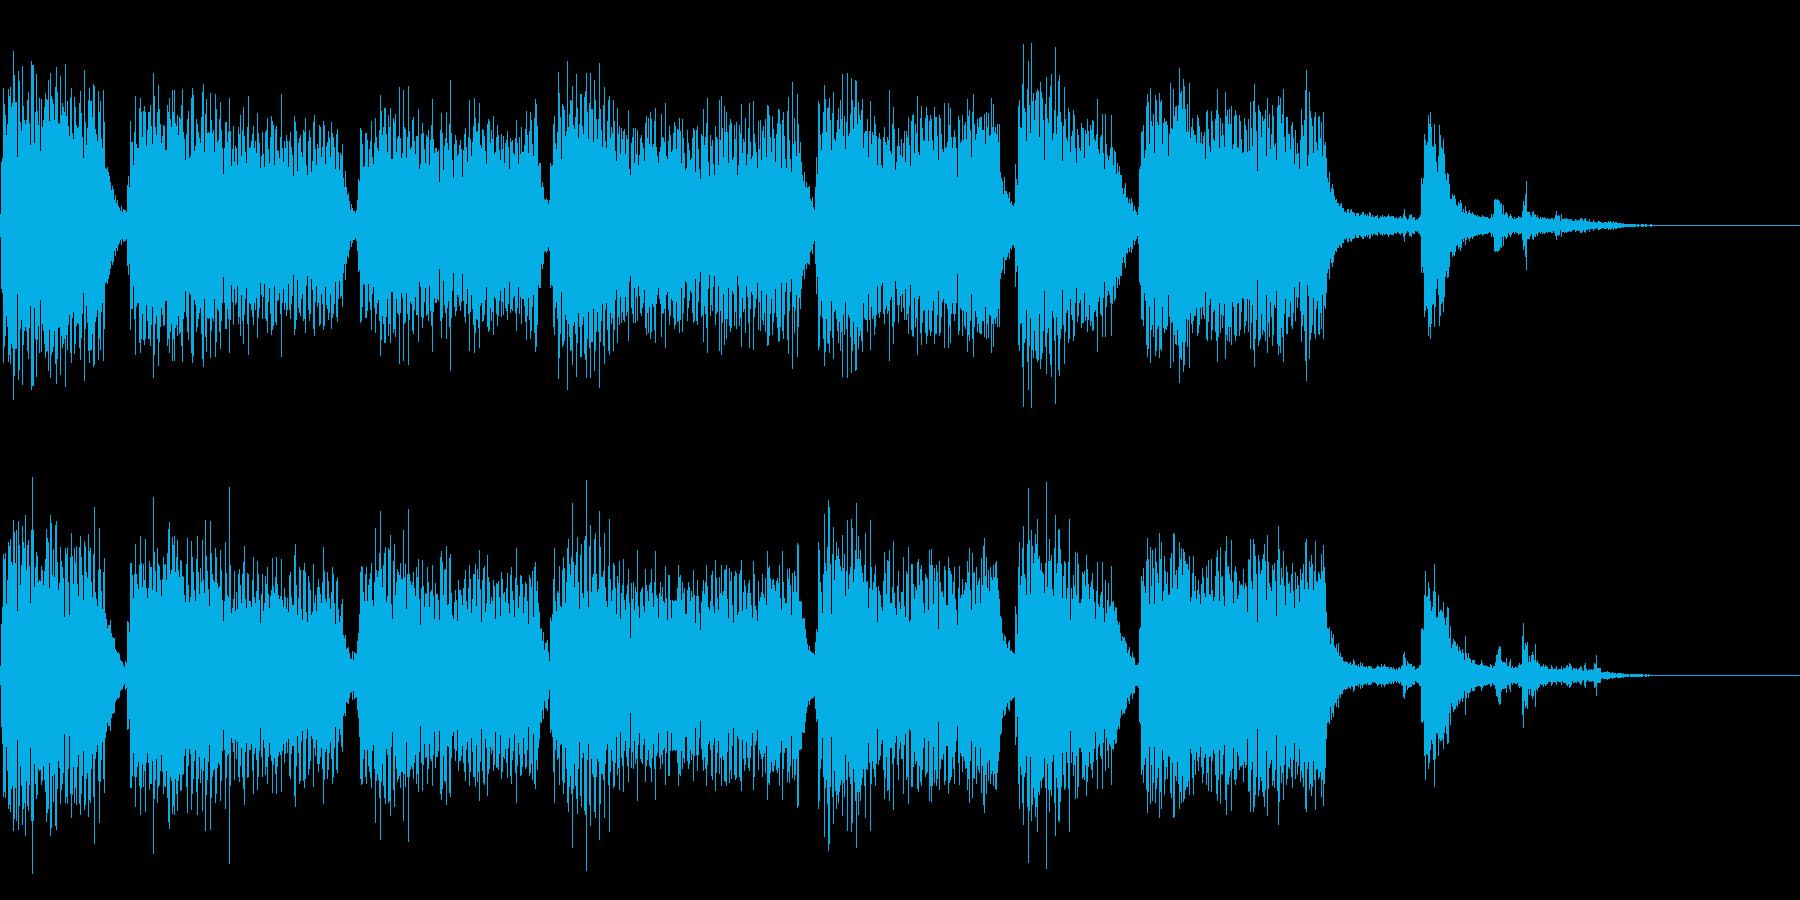 ドドドドドドドド(重機の音)の再生済みの波形